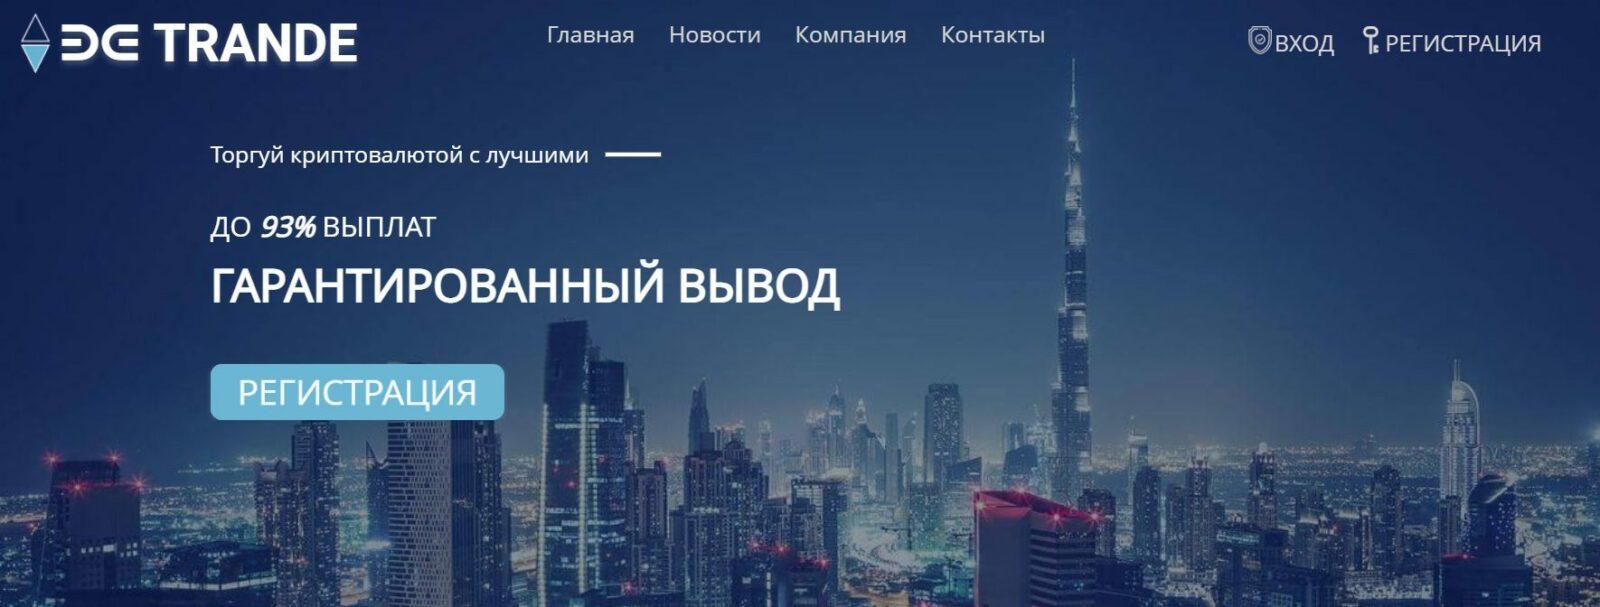 Сайт торговой платформы Би Тренд